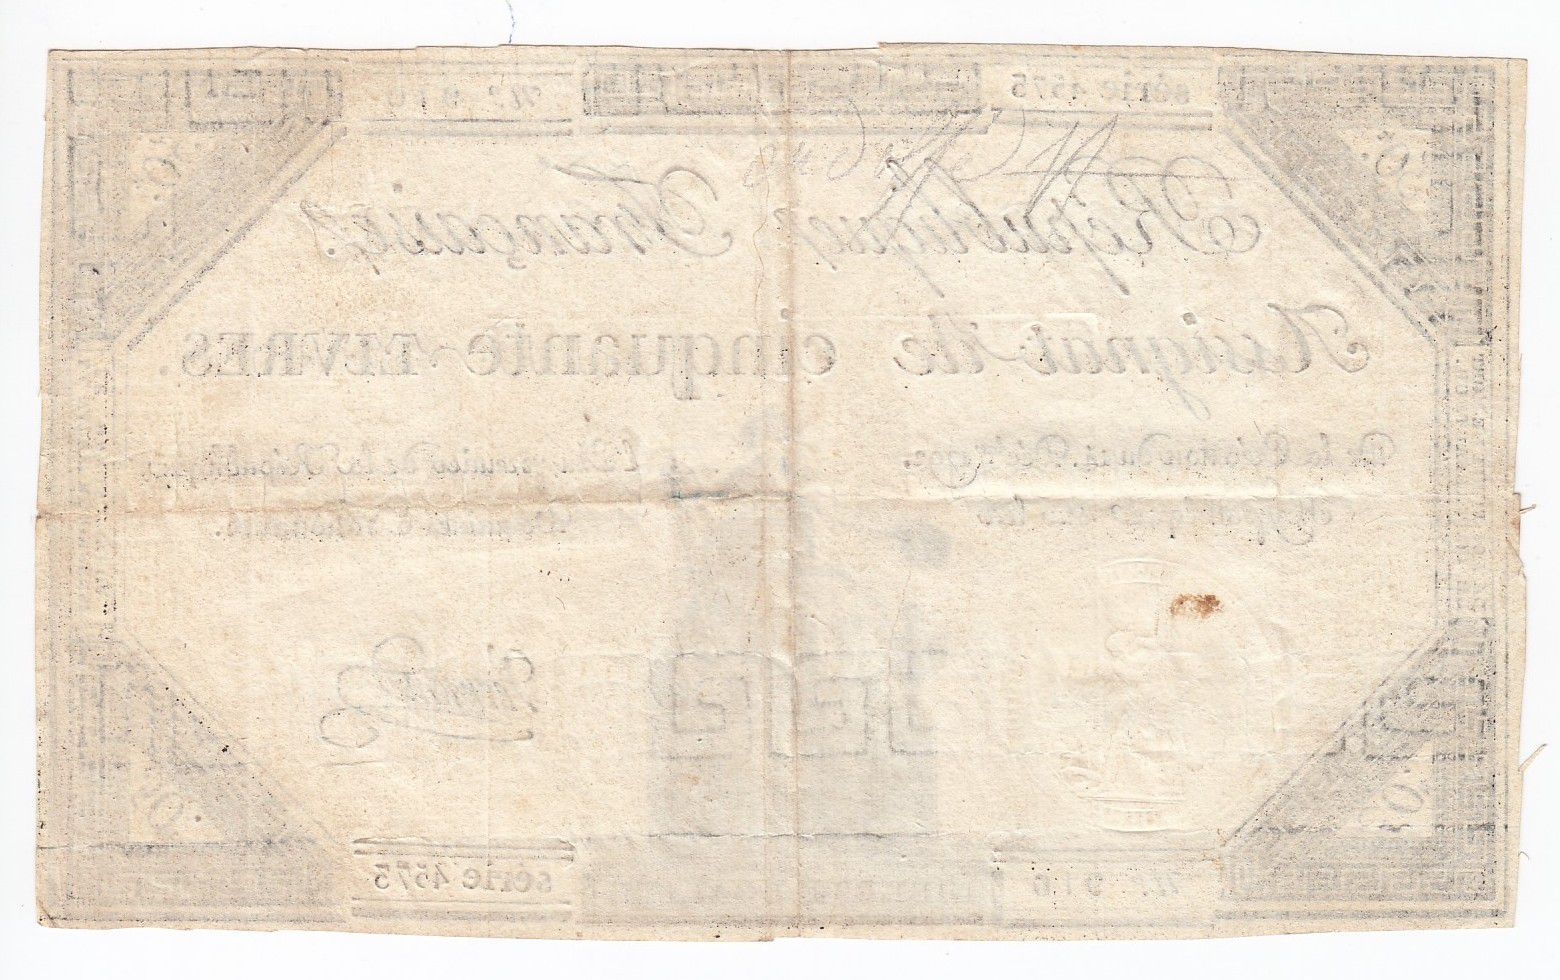 France 50 Livres France assise - 14-12-1792 - Sign. Vermond - TTB